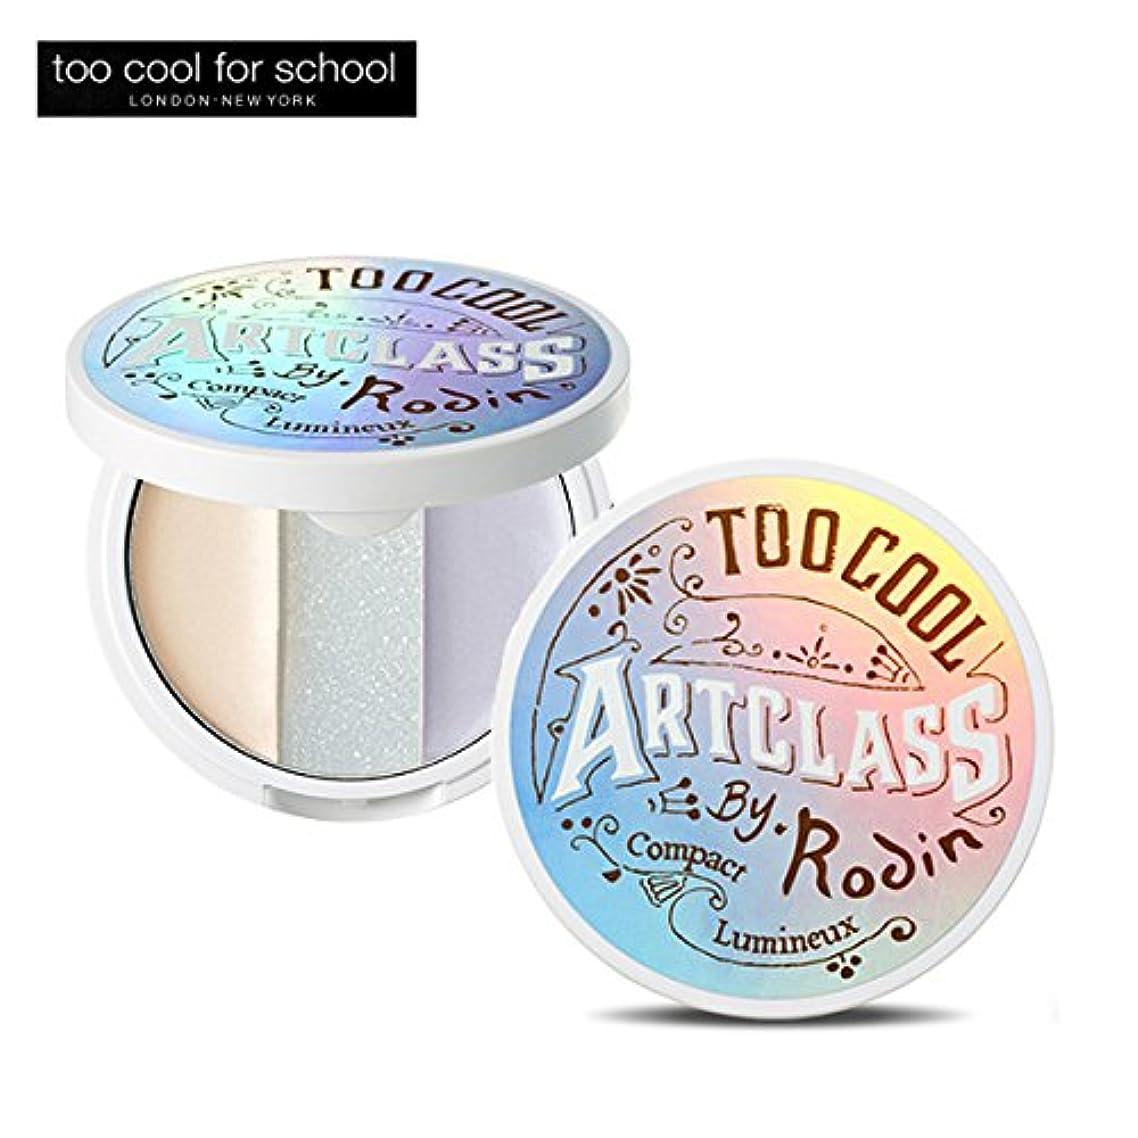 世界動病気too cool for school(トゥークールフォースクール) アートクラス バイロデン ルミナスバーニッシュ(Art Class By Rodin Lumineuse Varnish)7g